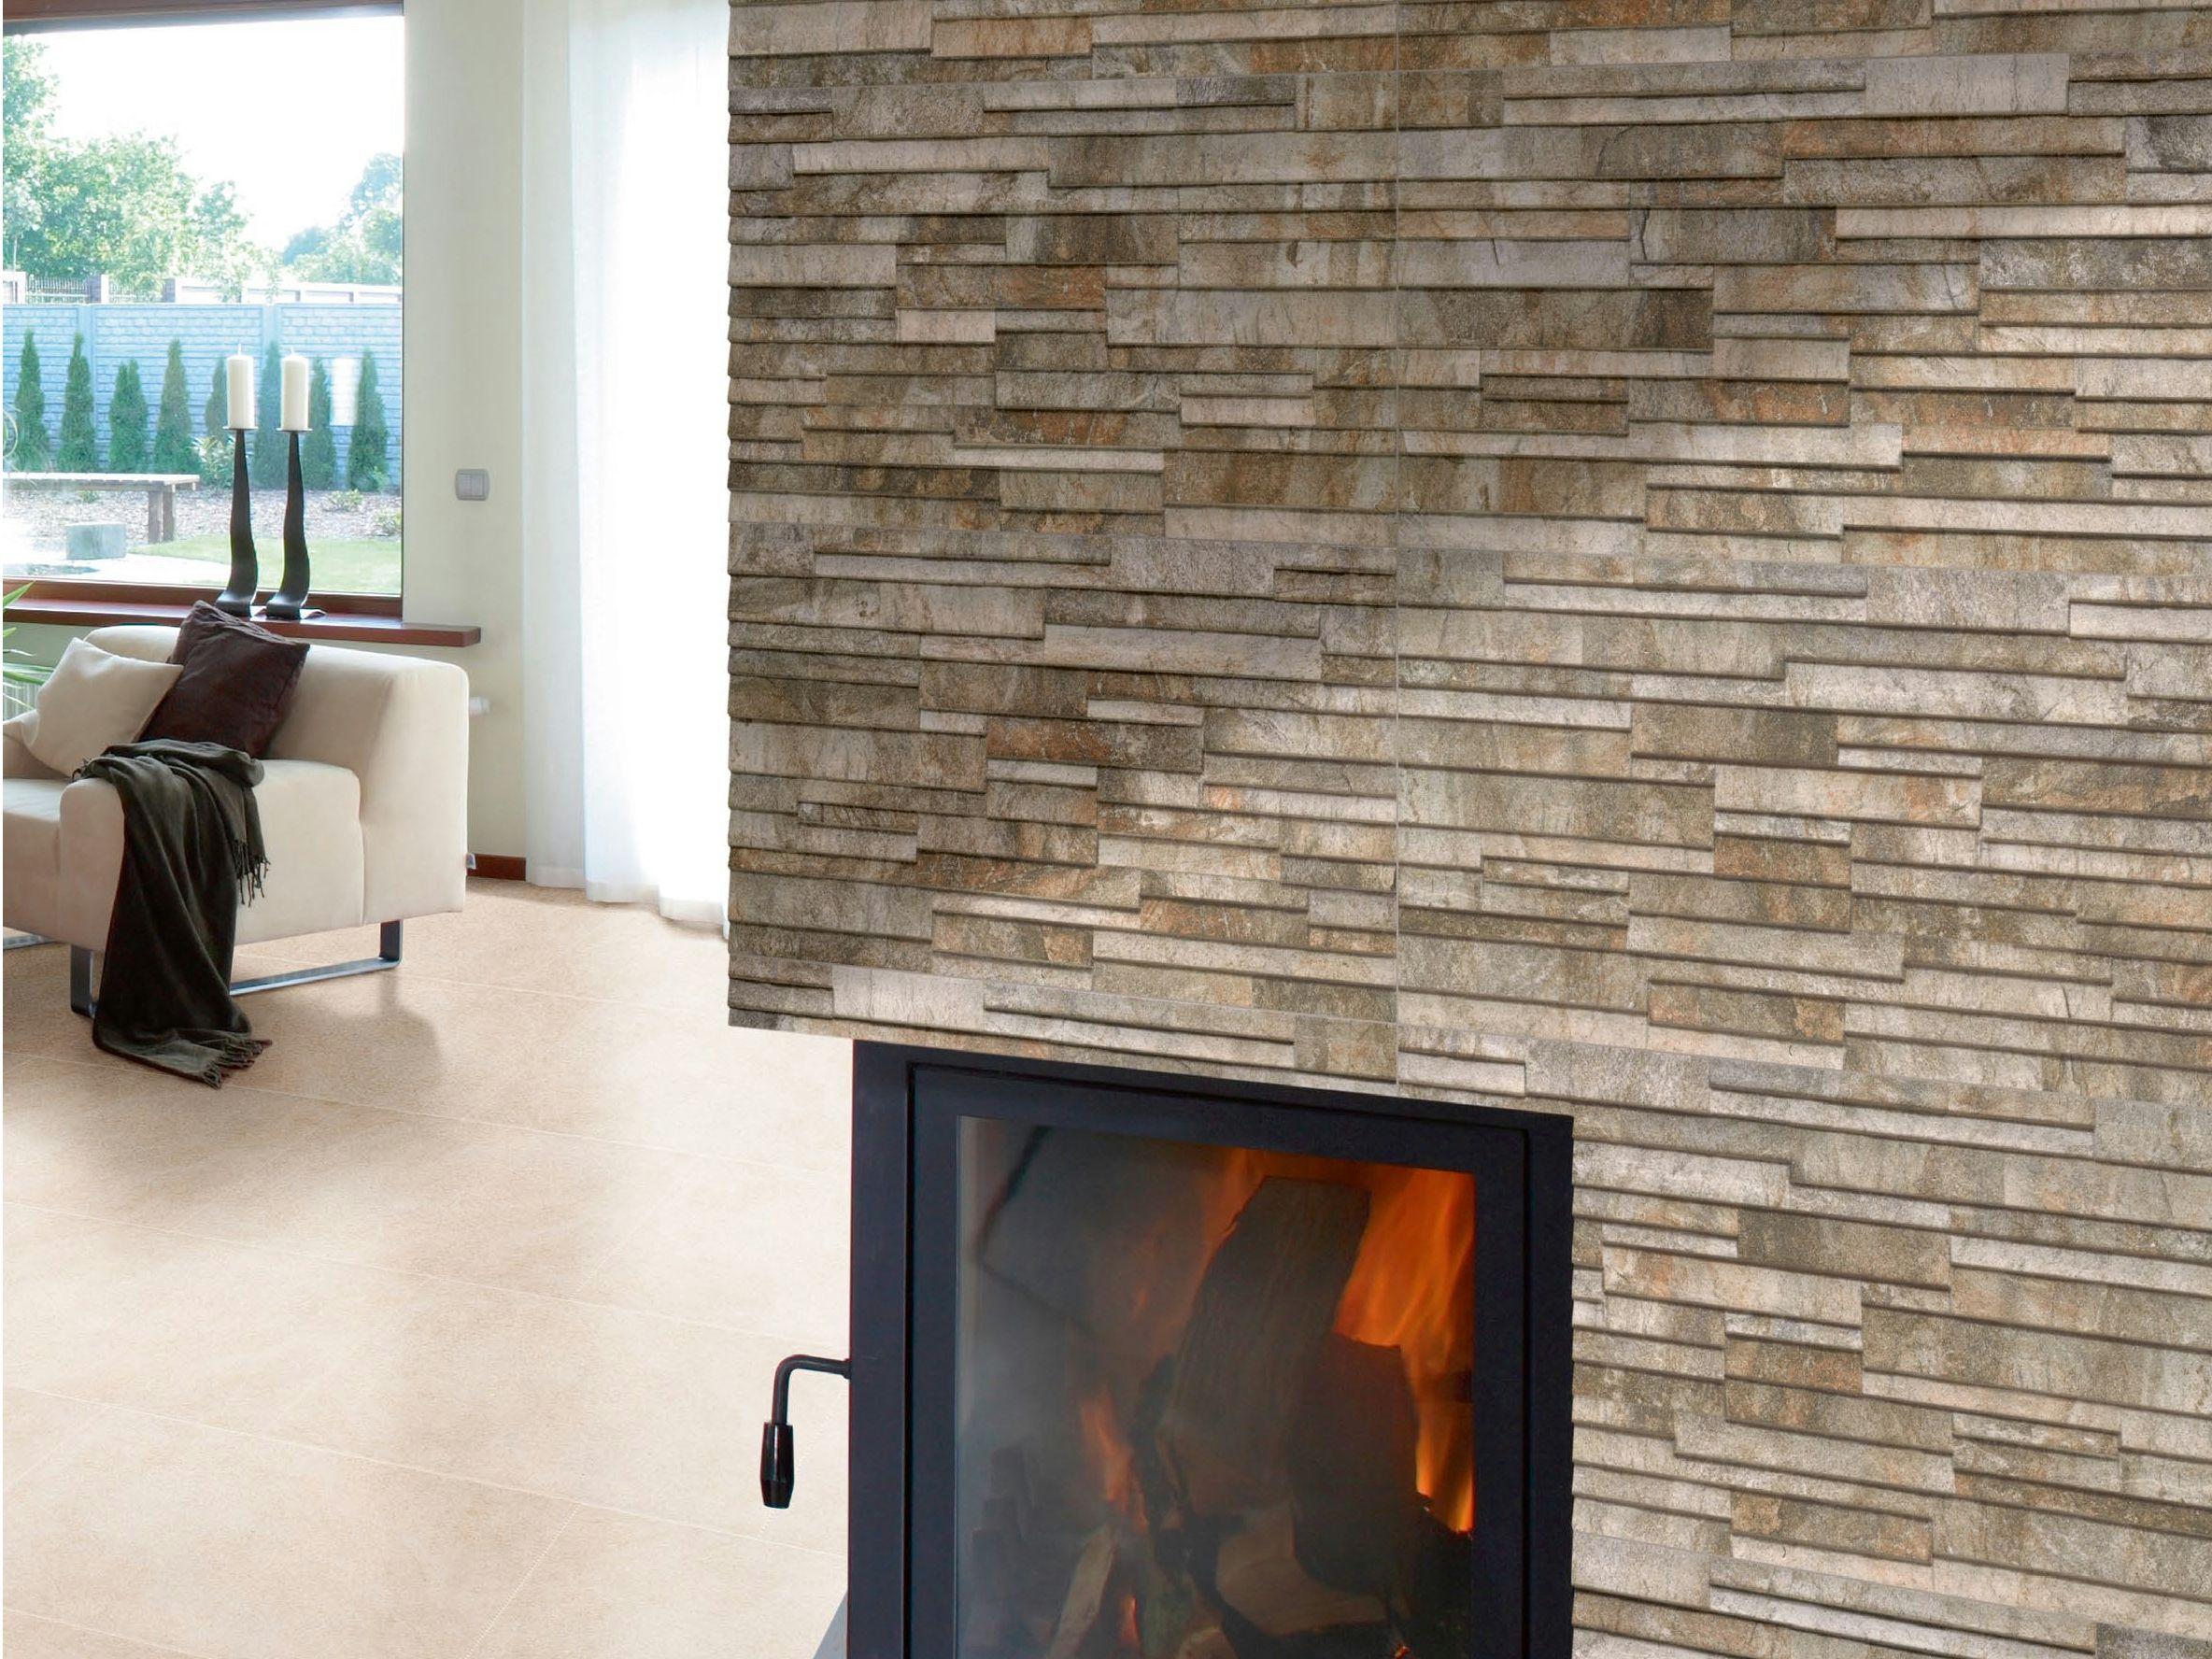 Revestimiento de pared de gres porcel nico para exterior for Revestimiento ceramico paredes interiores